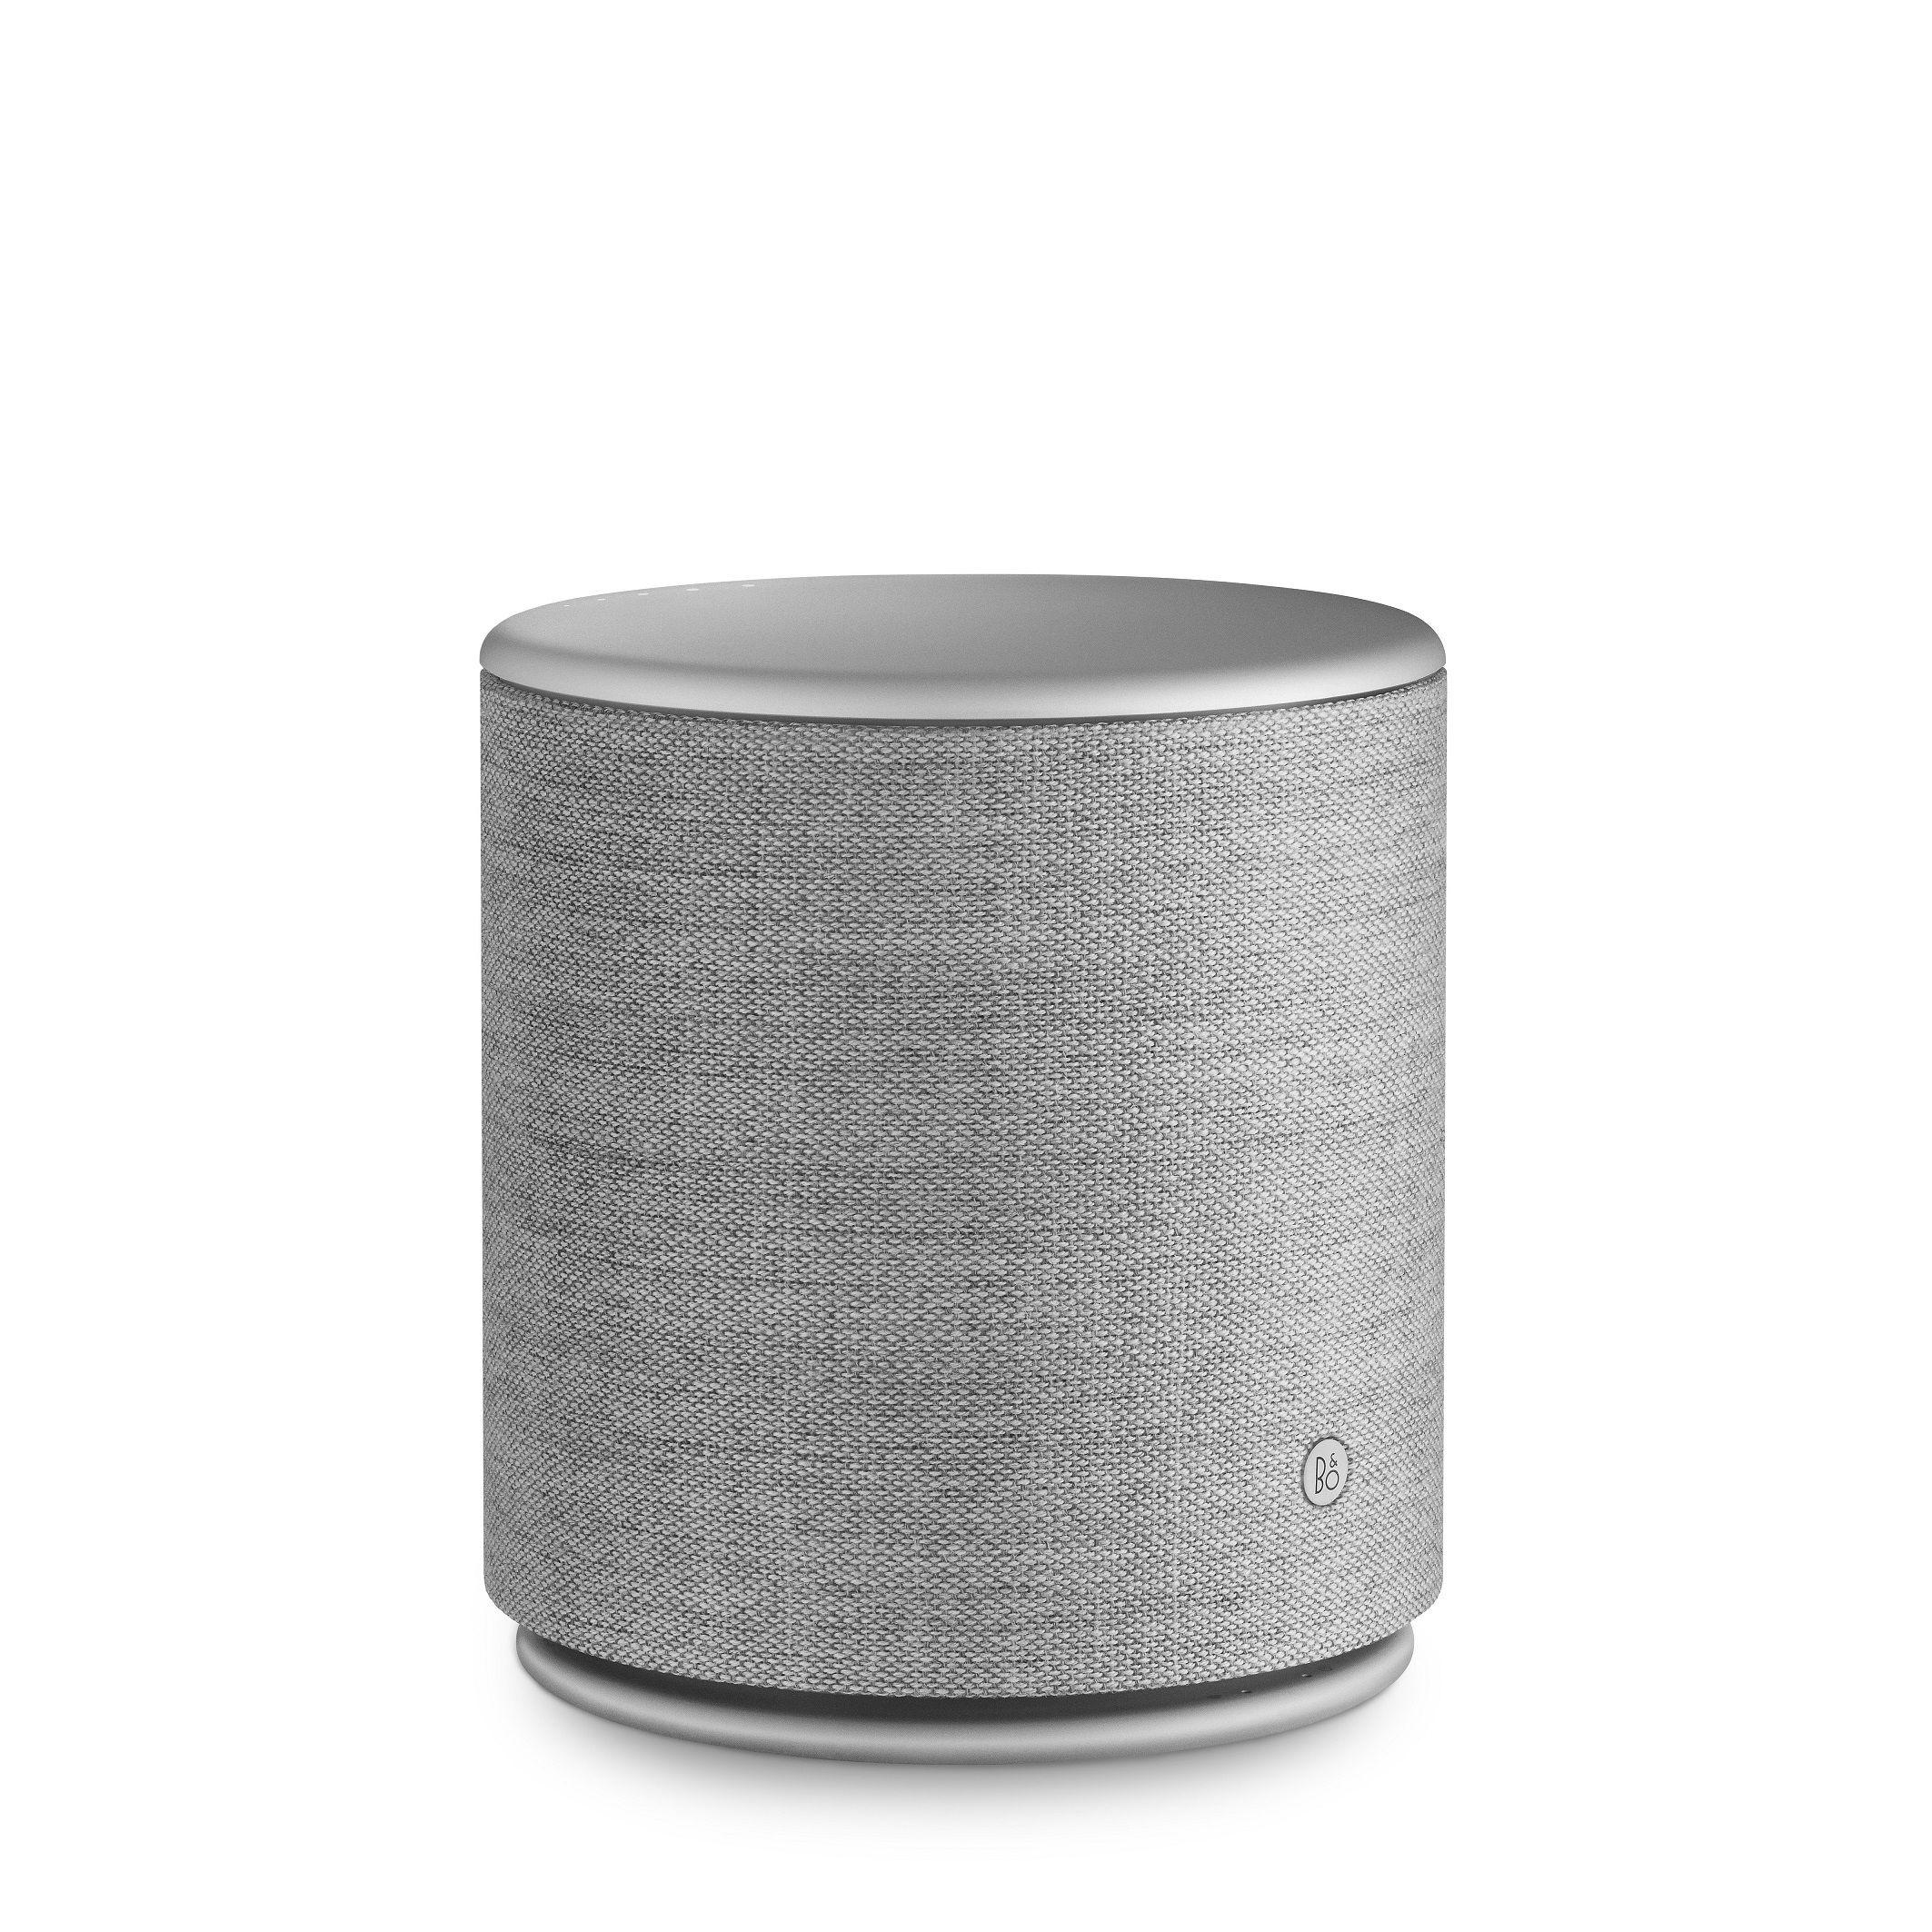 (7)Beoplay M5无线蓝牙音箱 - 自然灰色.jpg